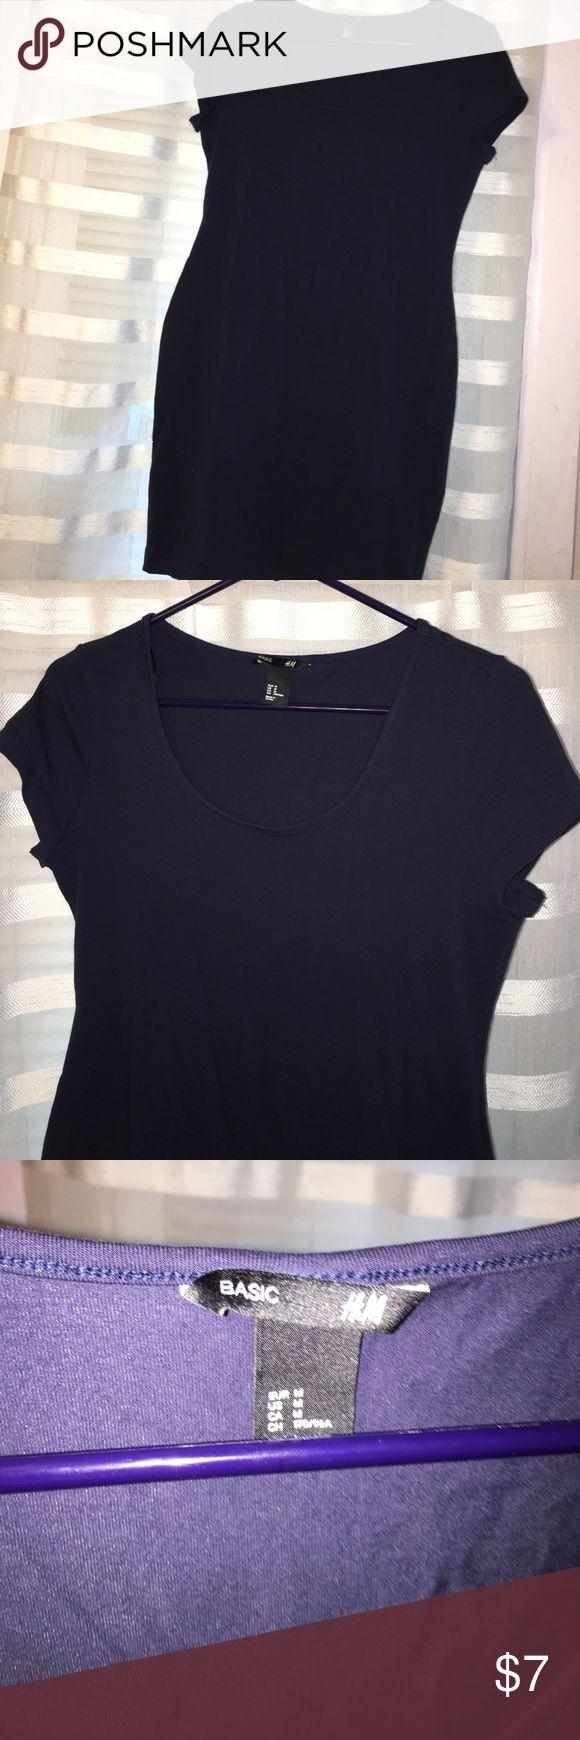 Basic mini dress Basic navy mini dress from h&m. Can be dressed up :) H&M Dresses Mini